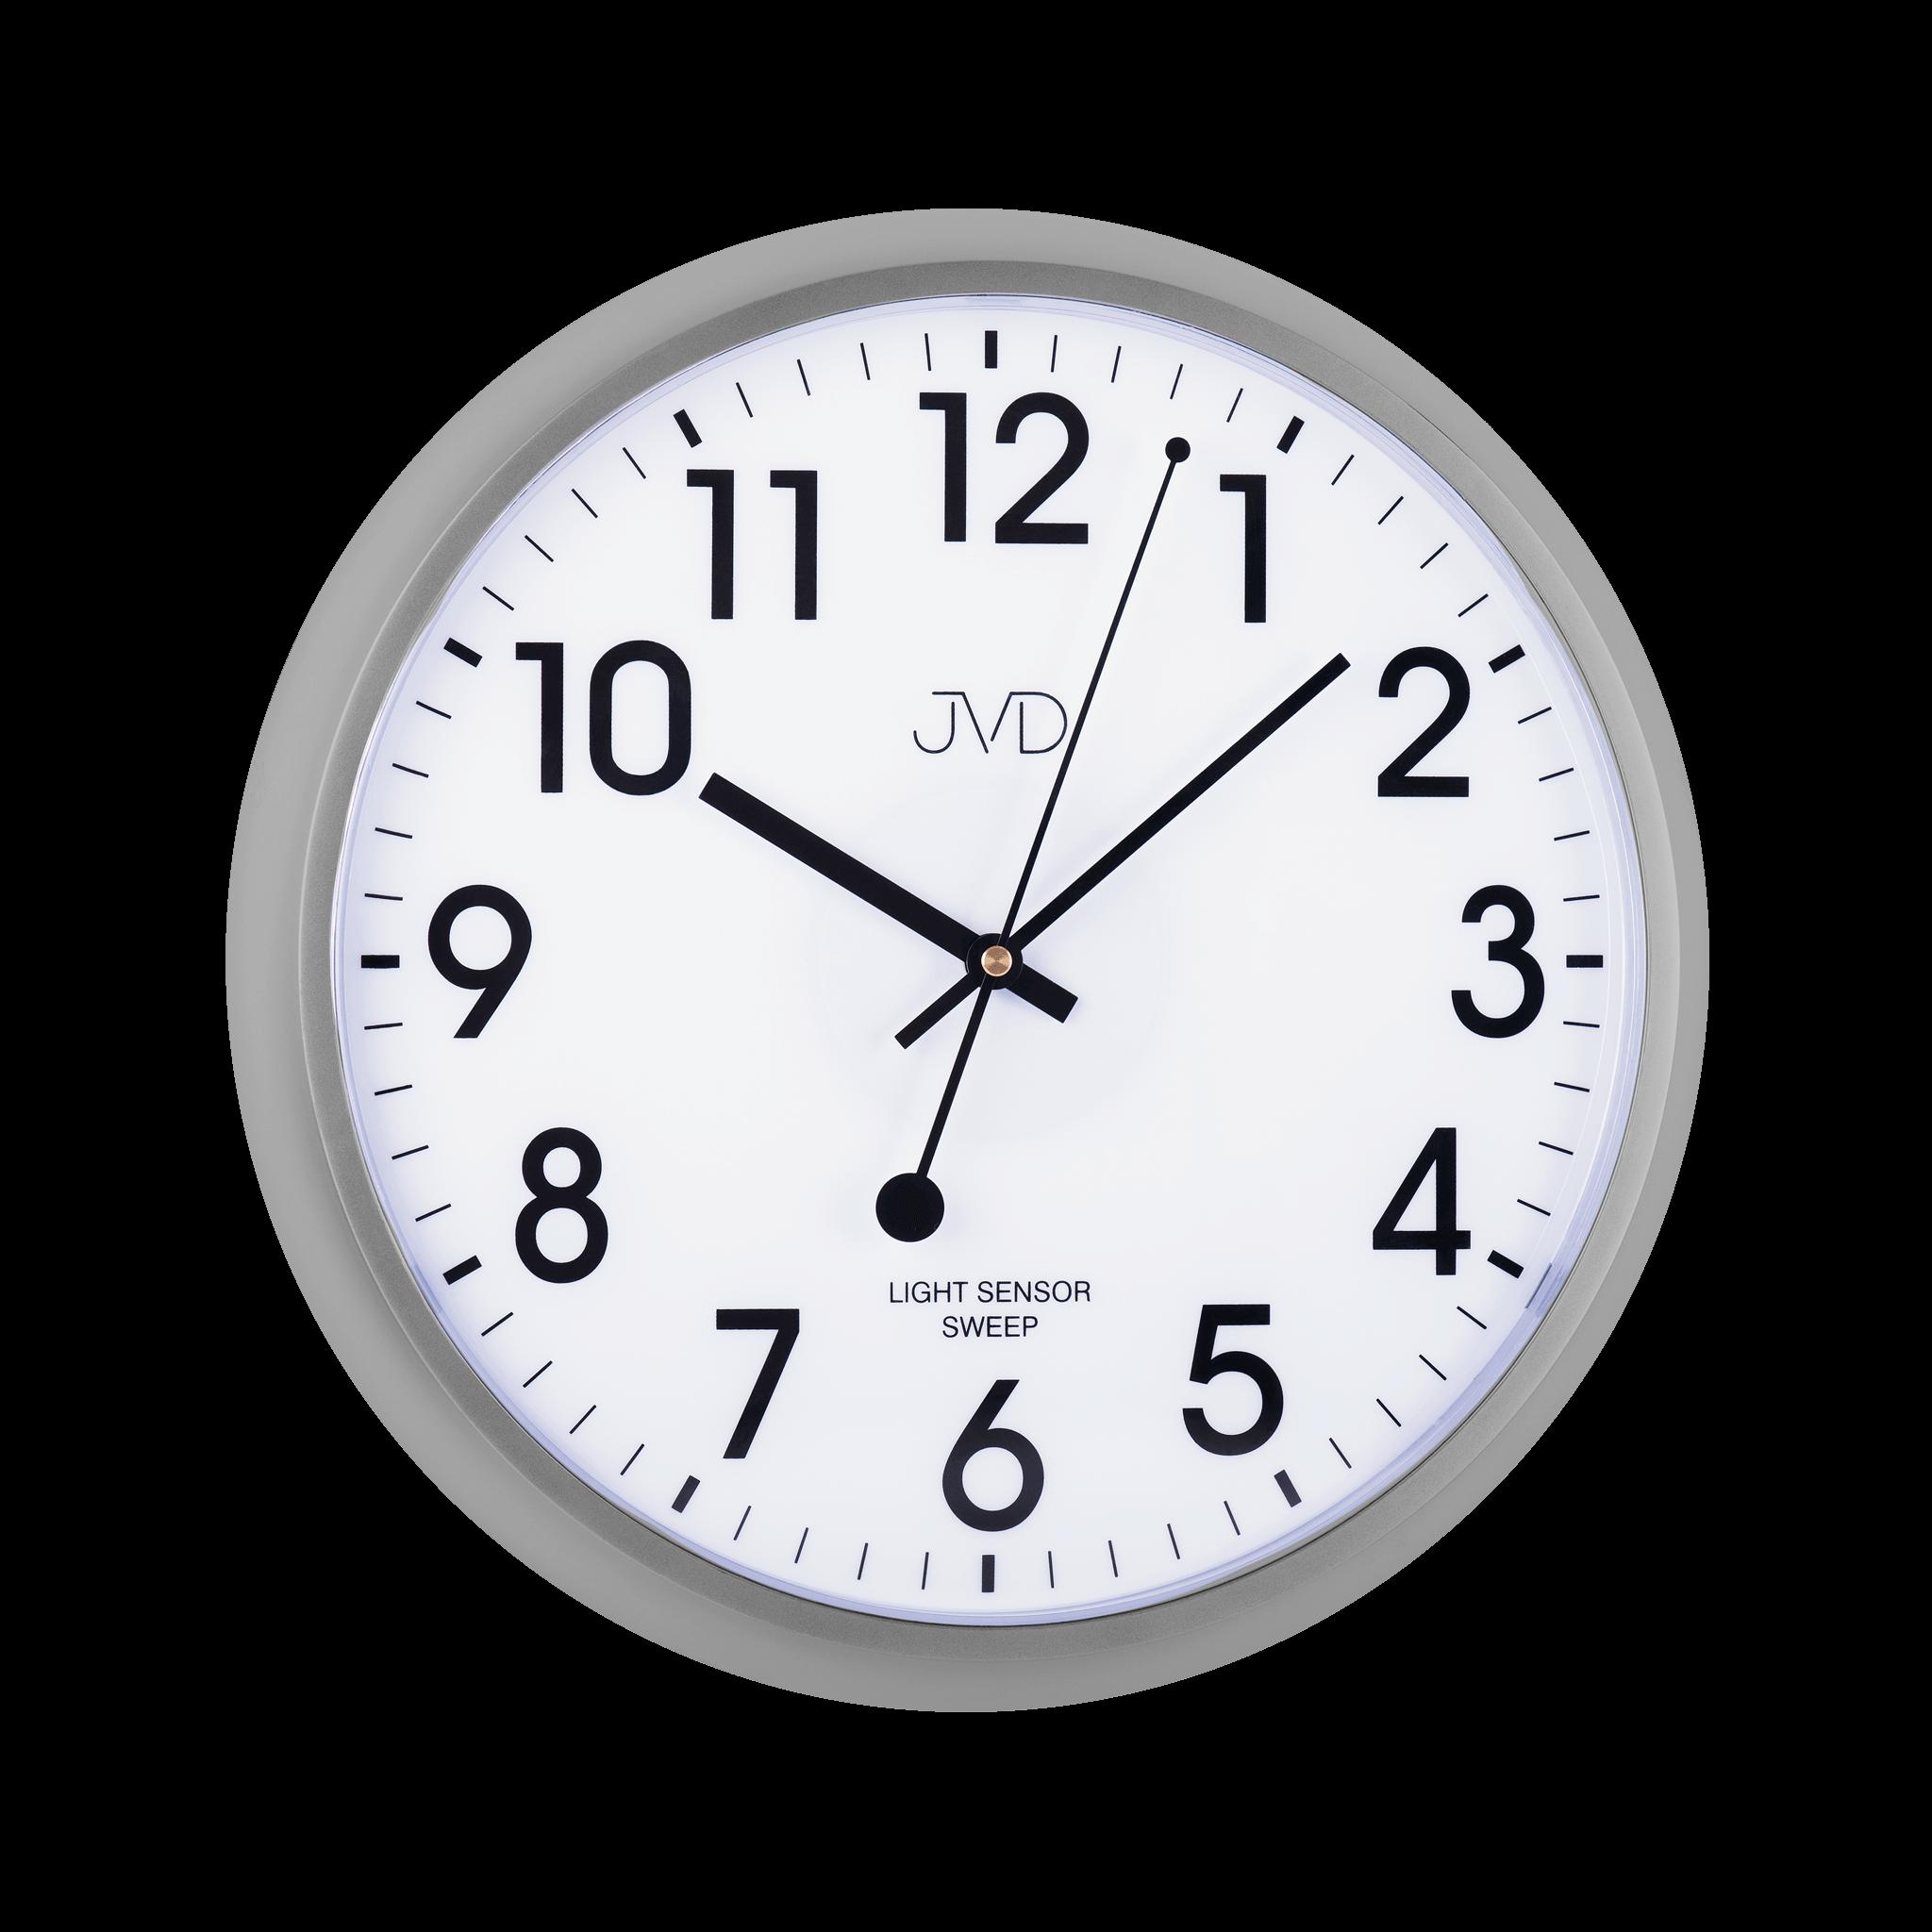 Plastové hodiny JVD sweep HP698.4 - metalicky šedé (netikající hodiny se senzorem podsvícení)